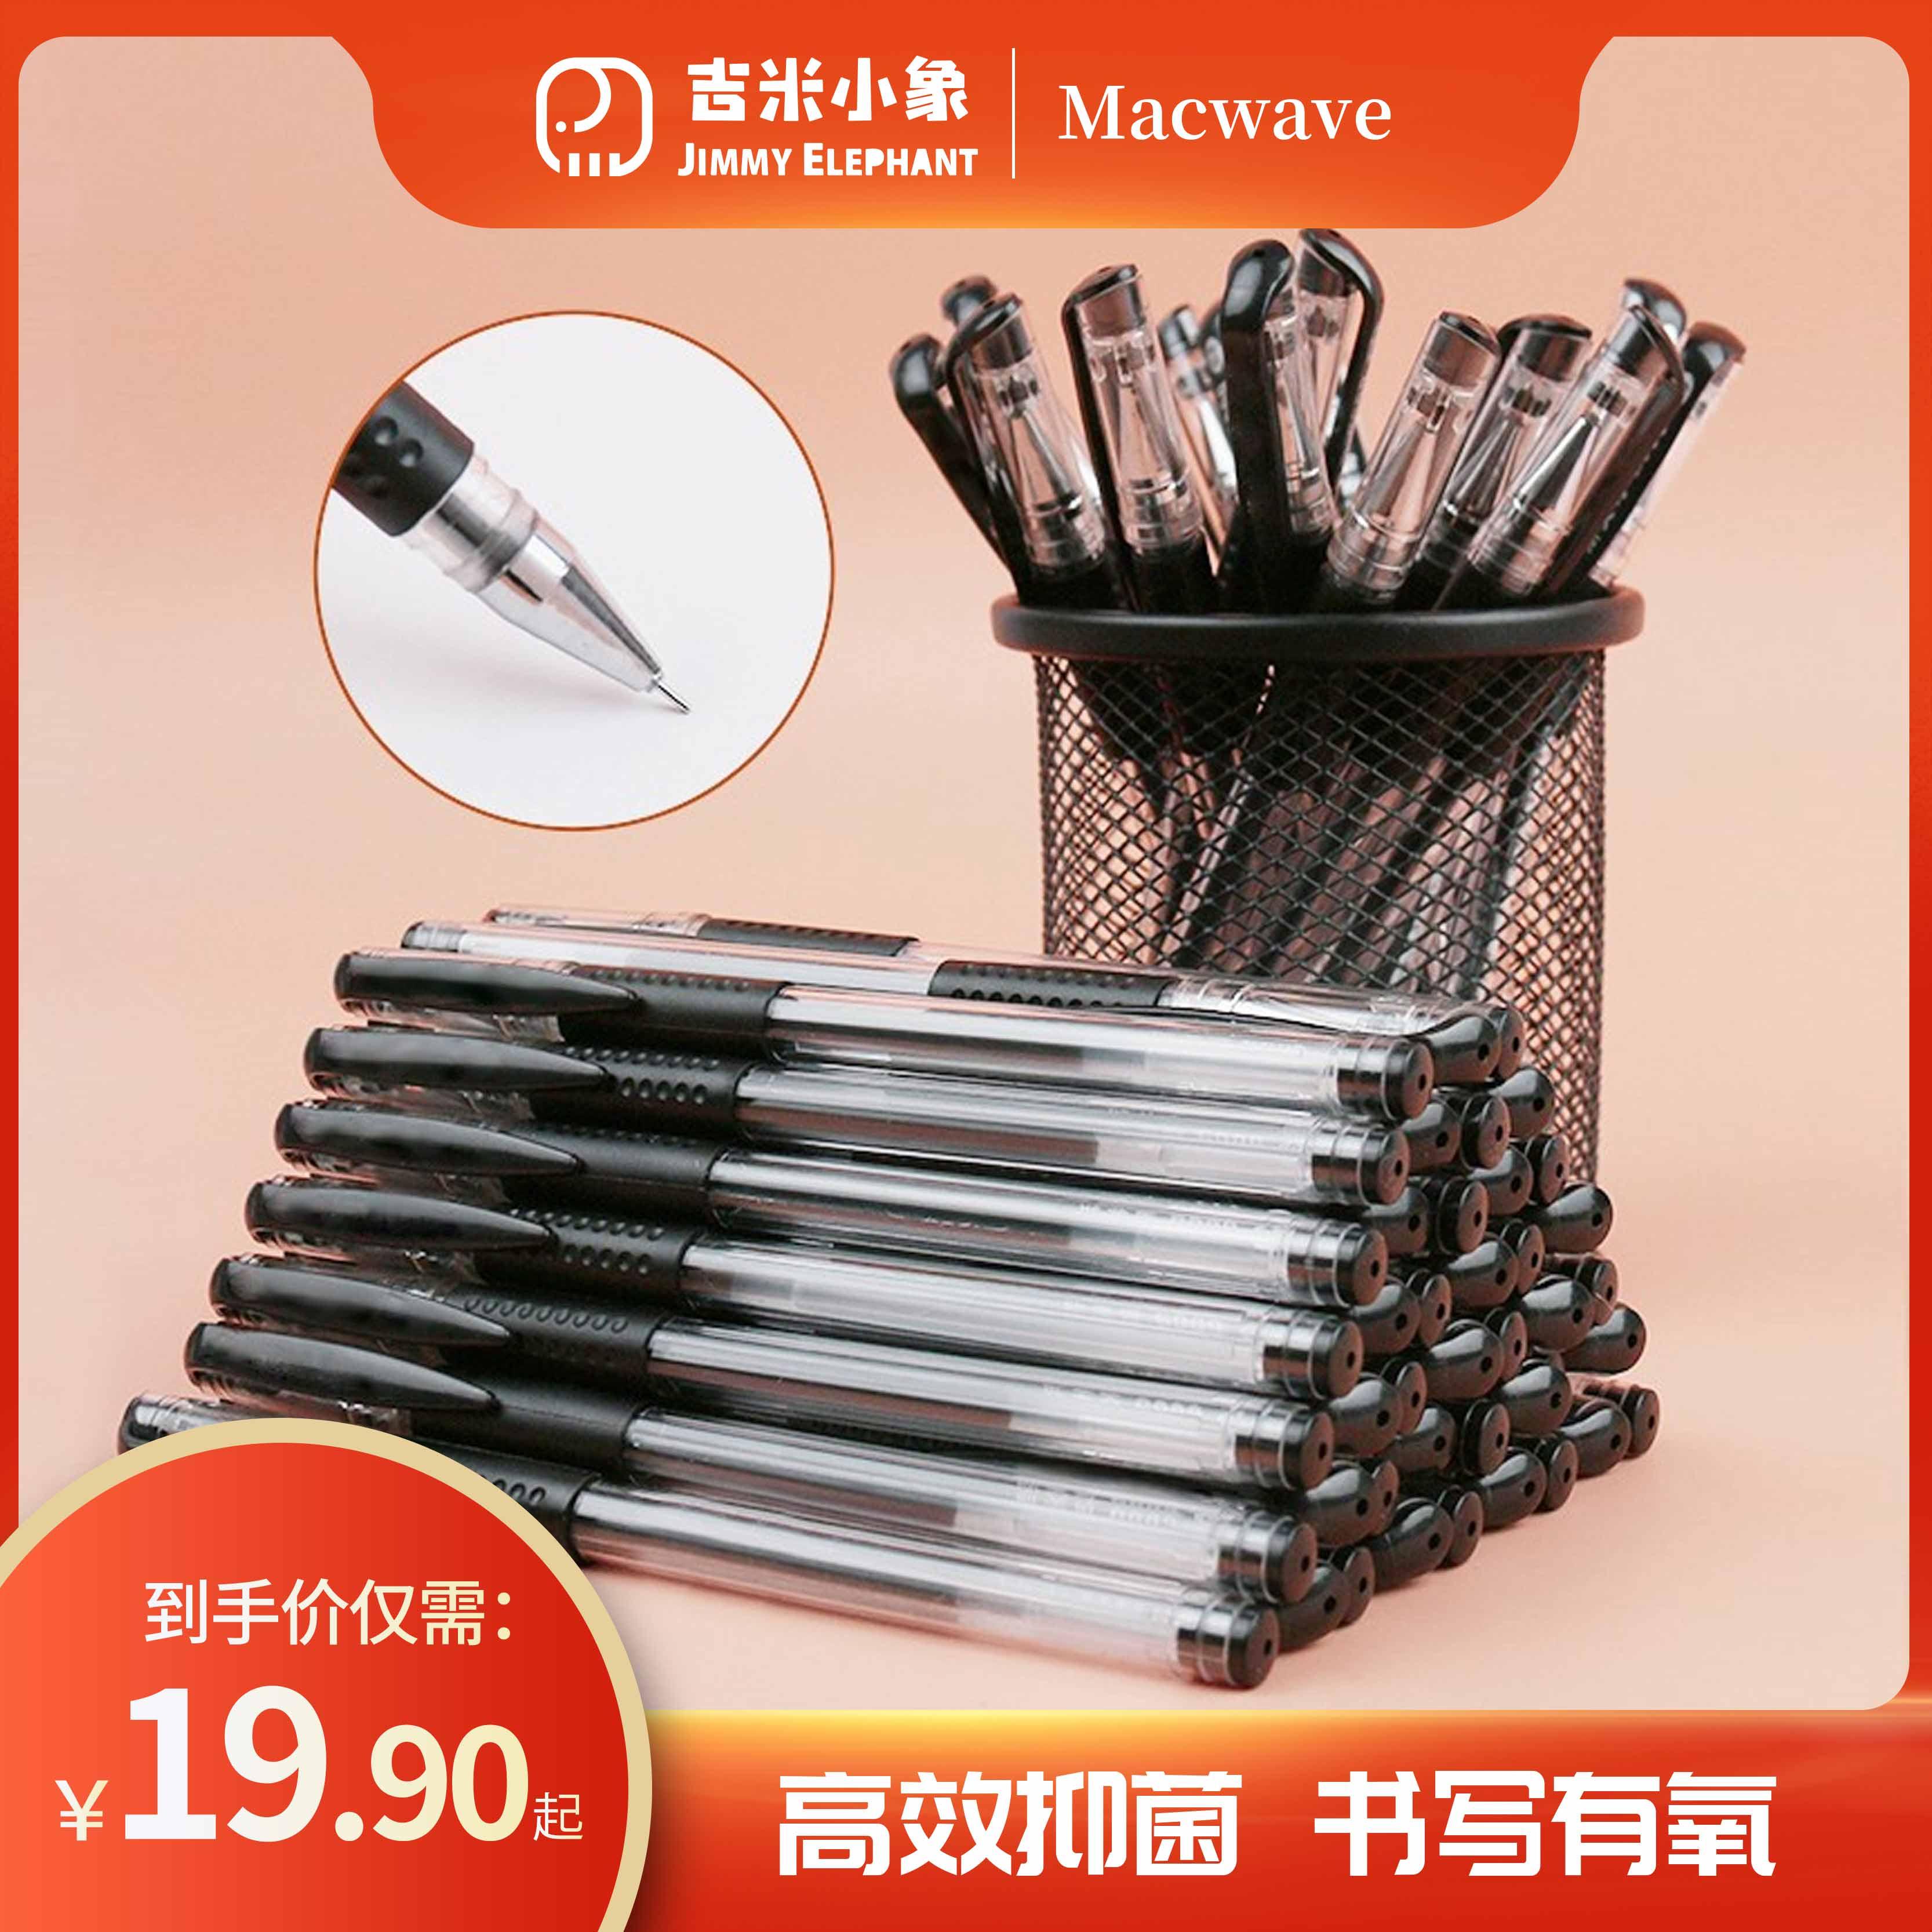 (过期)macwave旗舰店 【直播专享】吉米小象中性笔0.5 mm笔 券后35.9元包邮